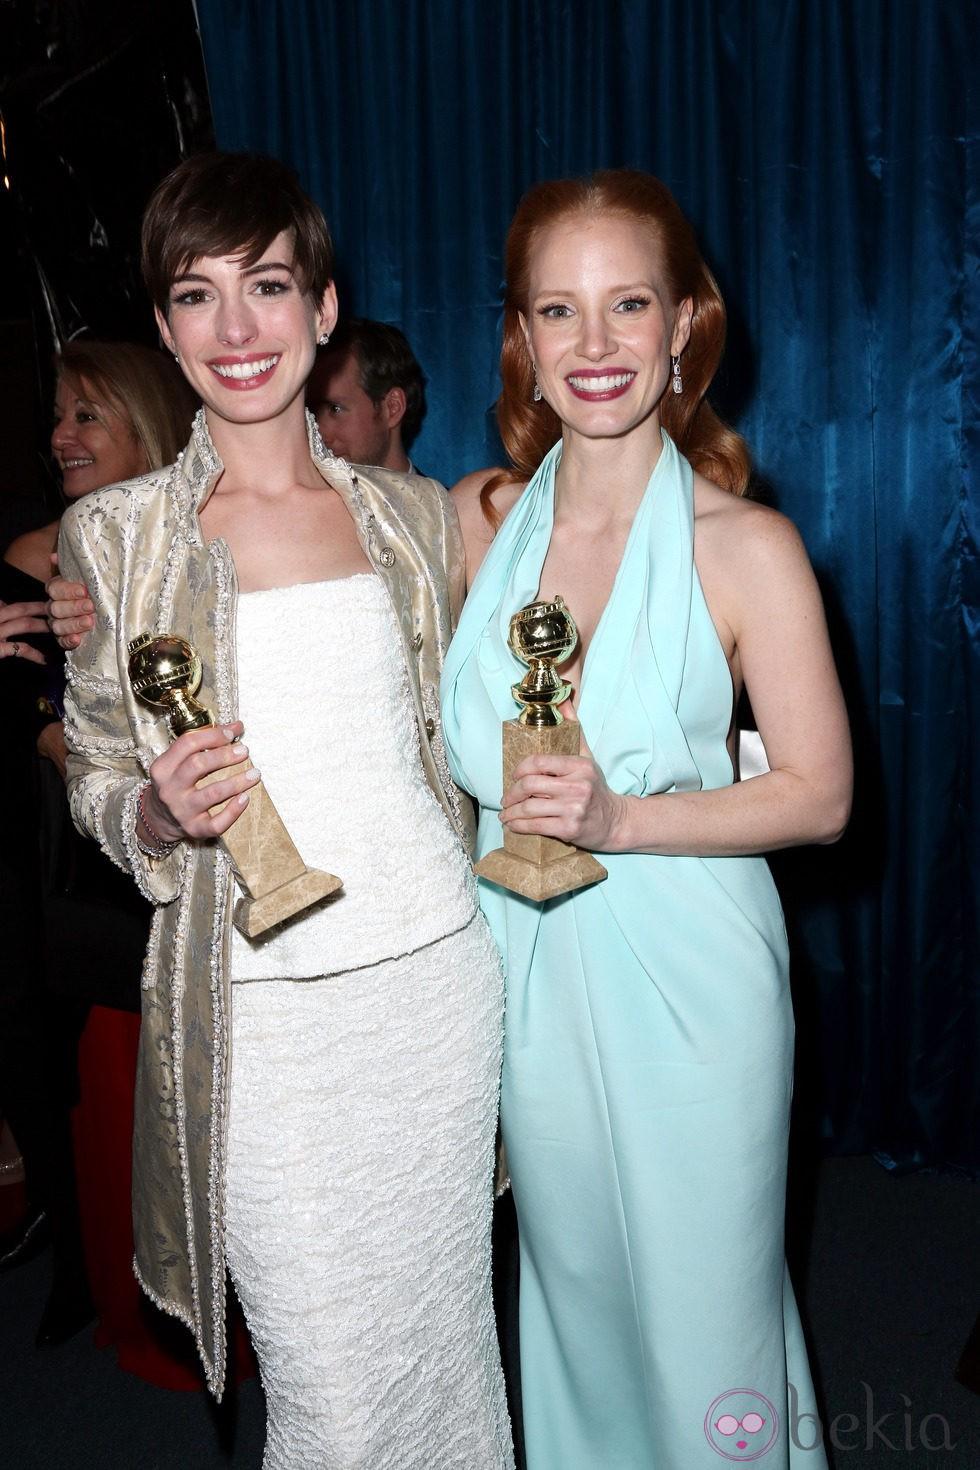 d3884b6e0df Anterior Anne Hathaway y Jessica Chastain en la fiesta de la NBC tras los Globos  de Oro